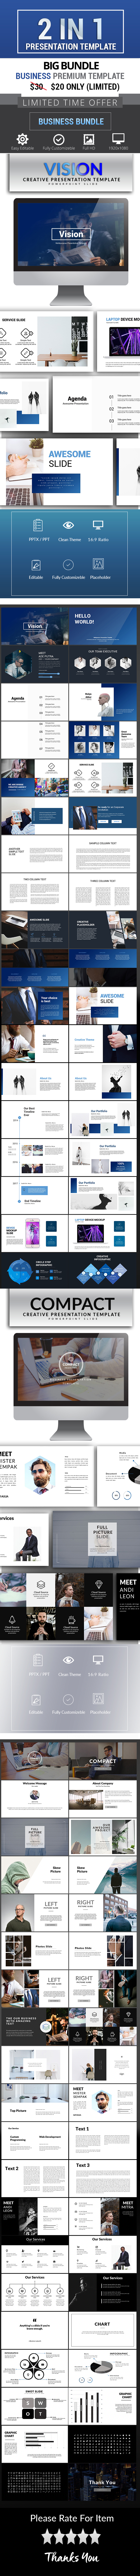 GraphicRiver 2 in 1 Business Bundle Google Slide 20822490